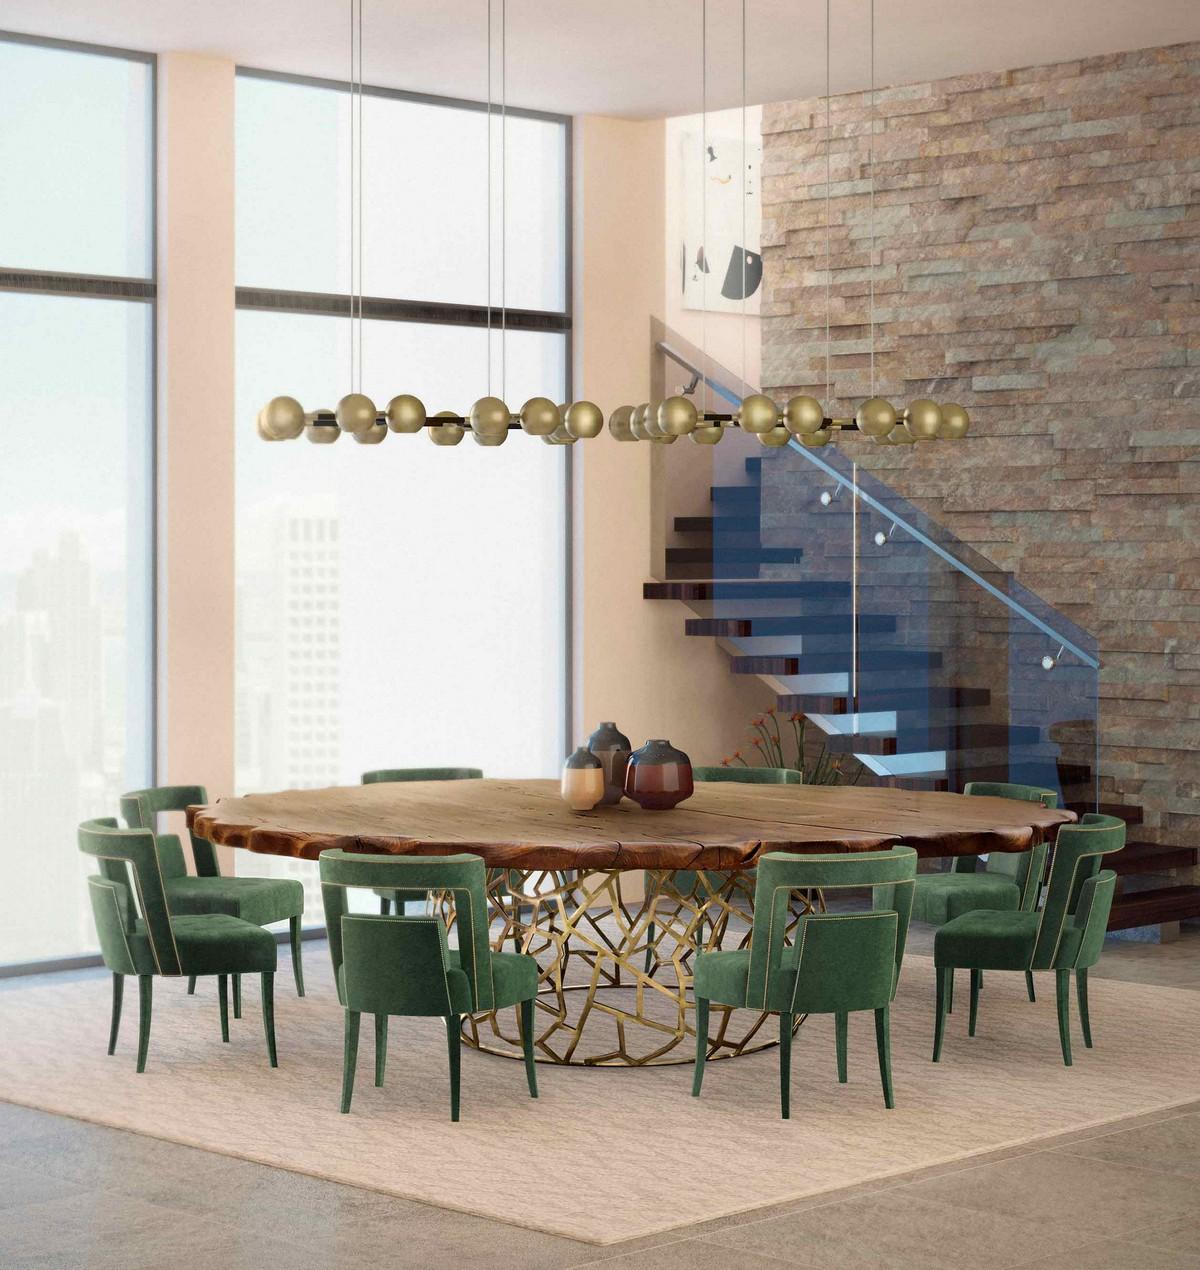 Top Velvet Dining Chairs (Part II) velvet dining chairs Top Velvet Dining Chairs (Part II) naj